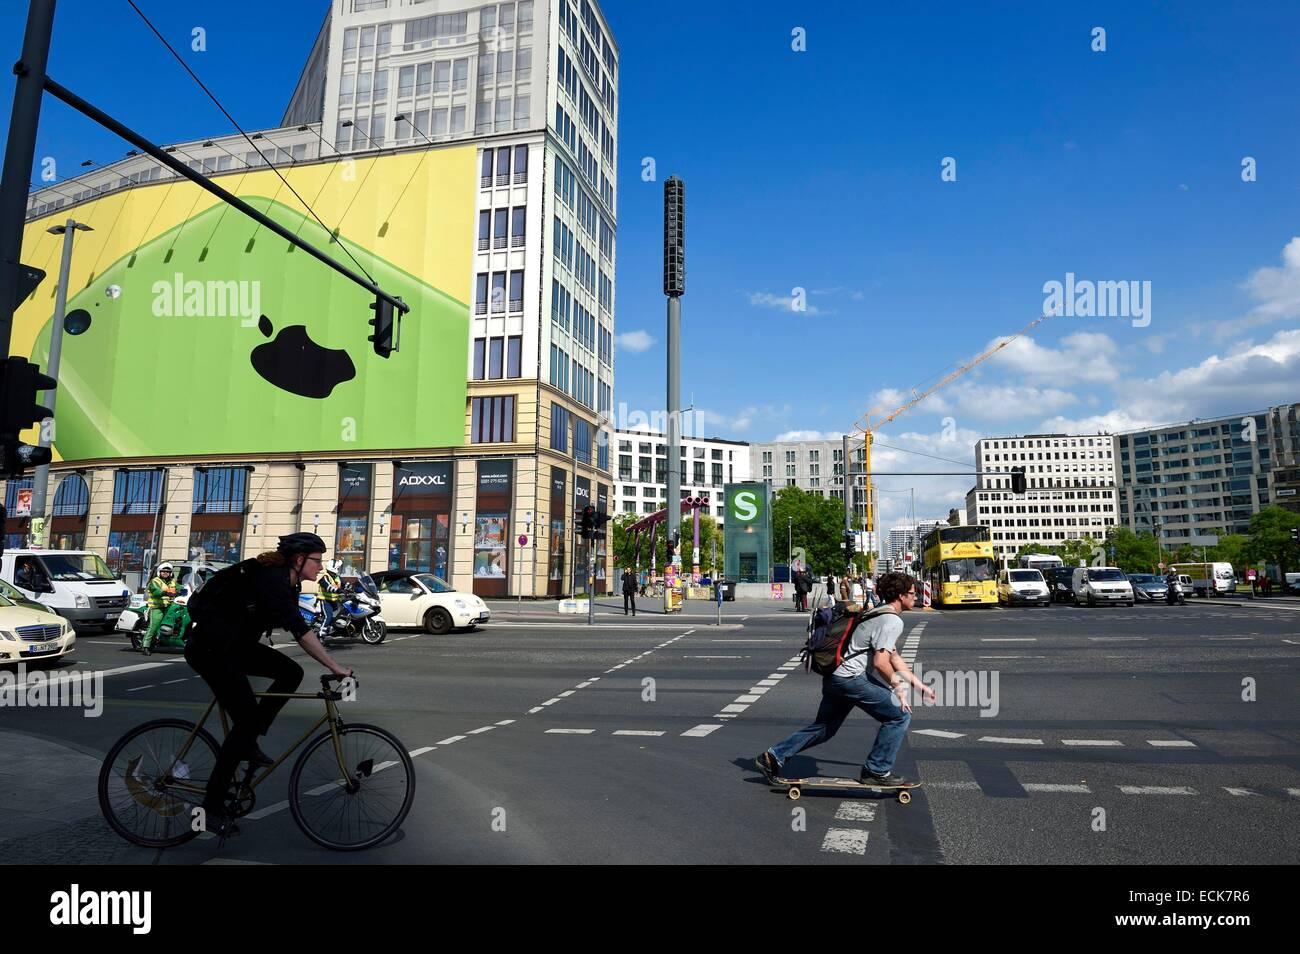 Alemania, Berlín, Potsdamer Platz, la falsa fachada de un edificio compuesto enteramente de lona pintada para la Foto de stock